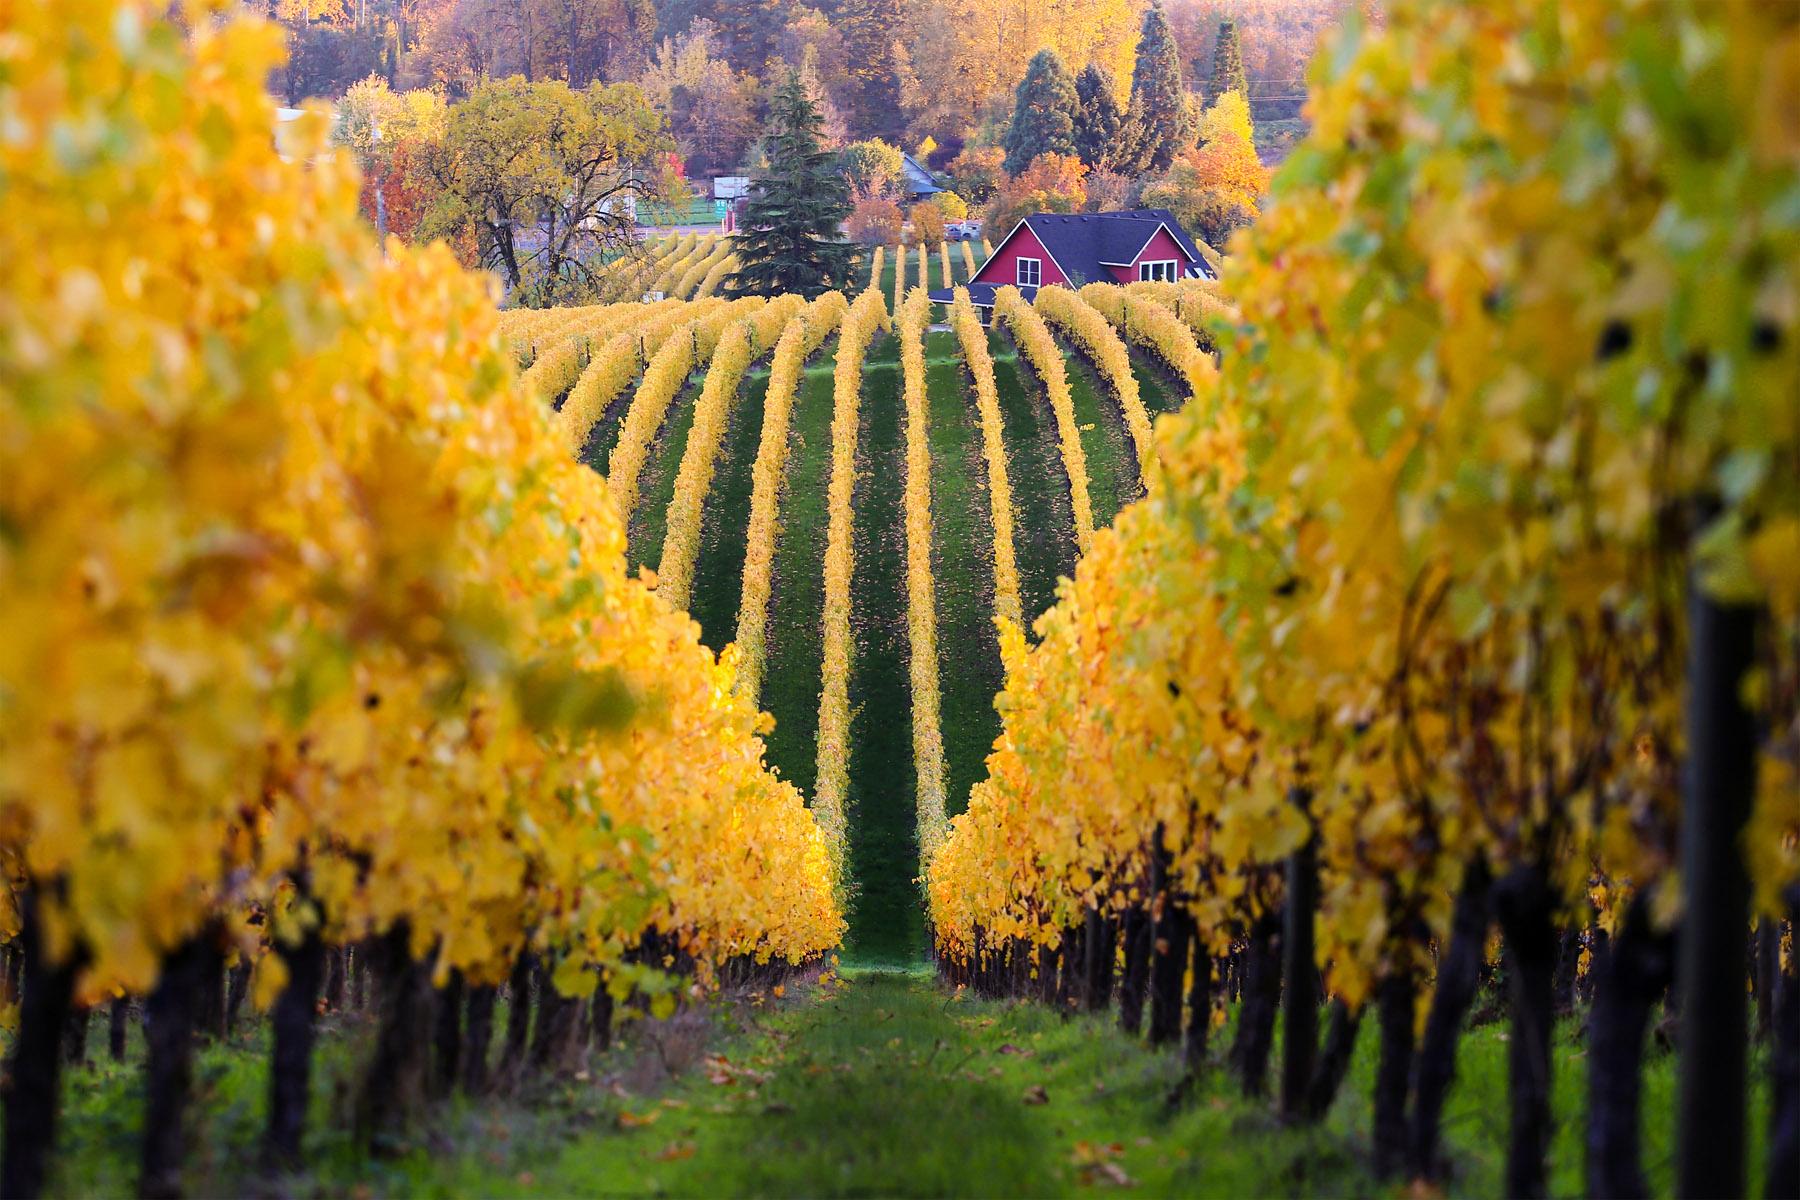 Sokol Blosser Müller-Thurgau vineyards | Dundee Hills, Oregon